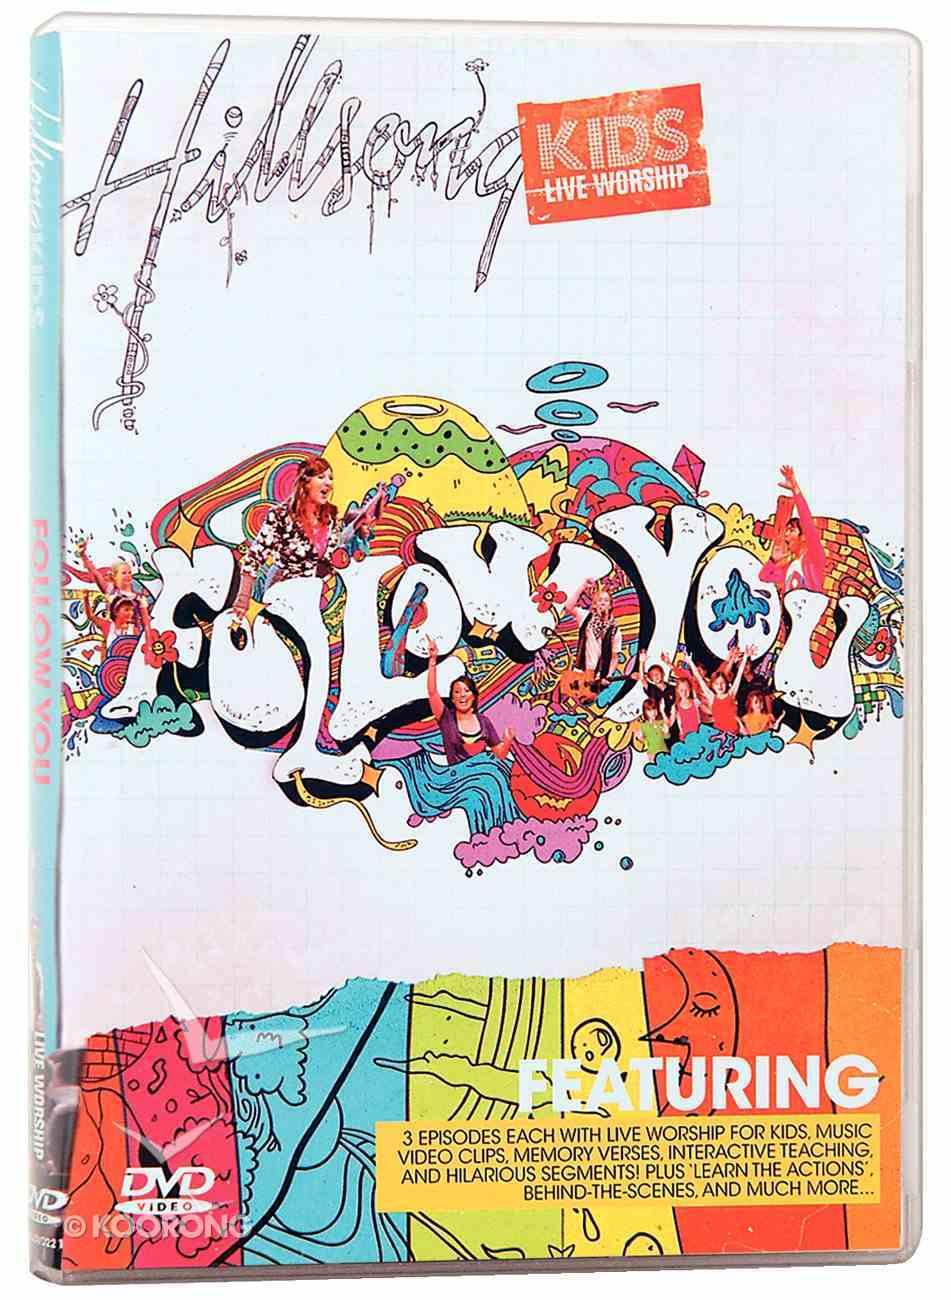 Hillsong Kids 2008: Follow You DVD